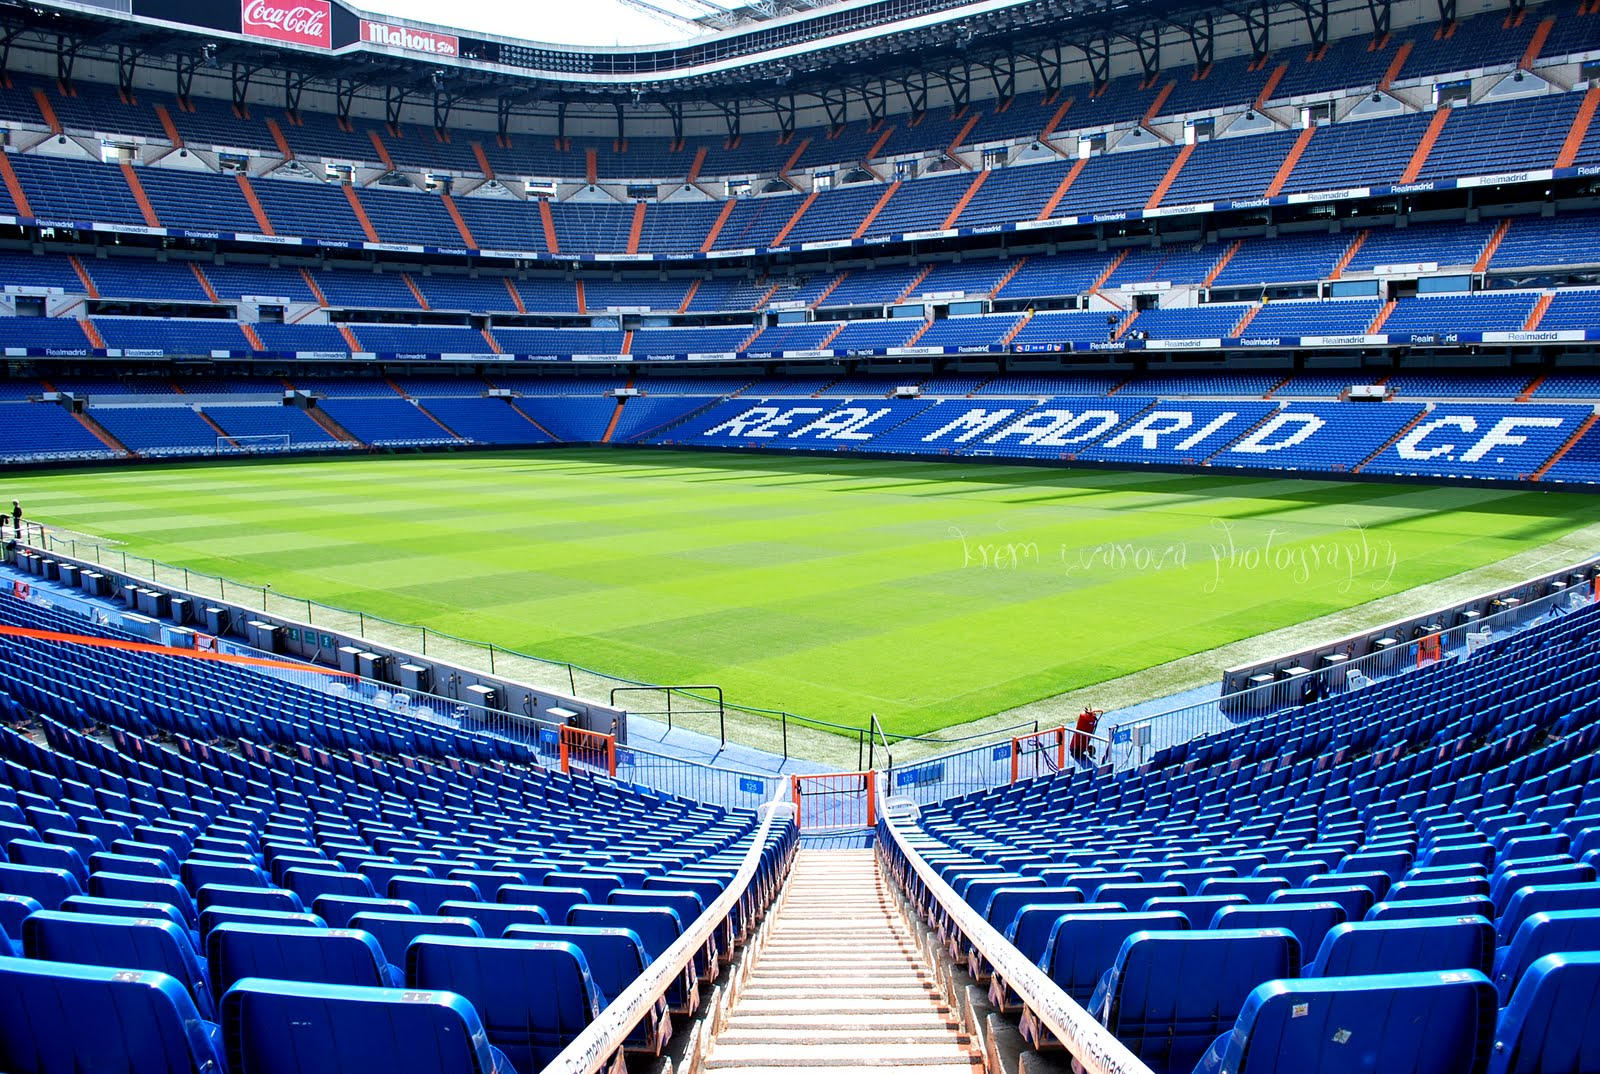 Madrid estadio santiago bernab u 81 044 page 34 for Estadio bernabeu puerta 0